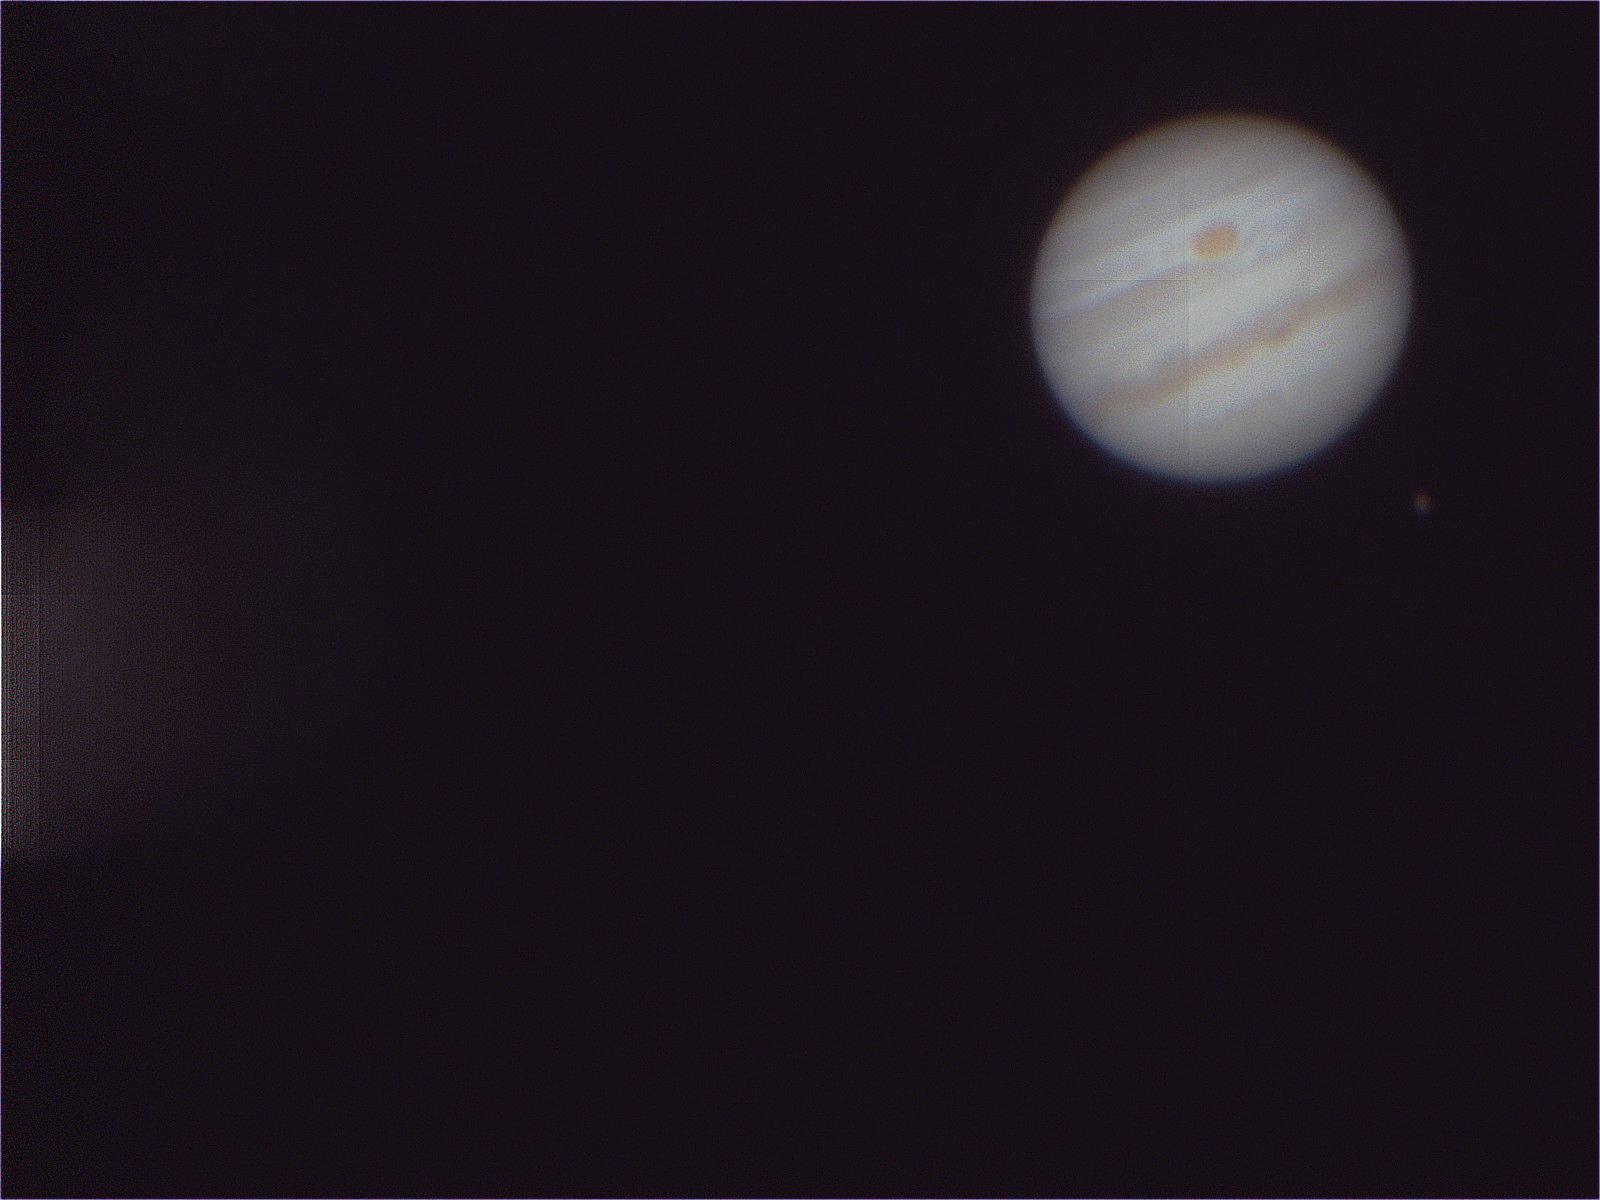 Jupiter_2018MAY30_22_27_19_1600px.jpg